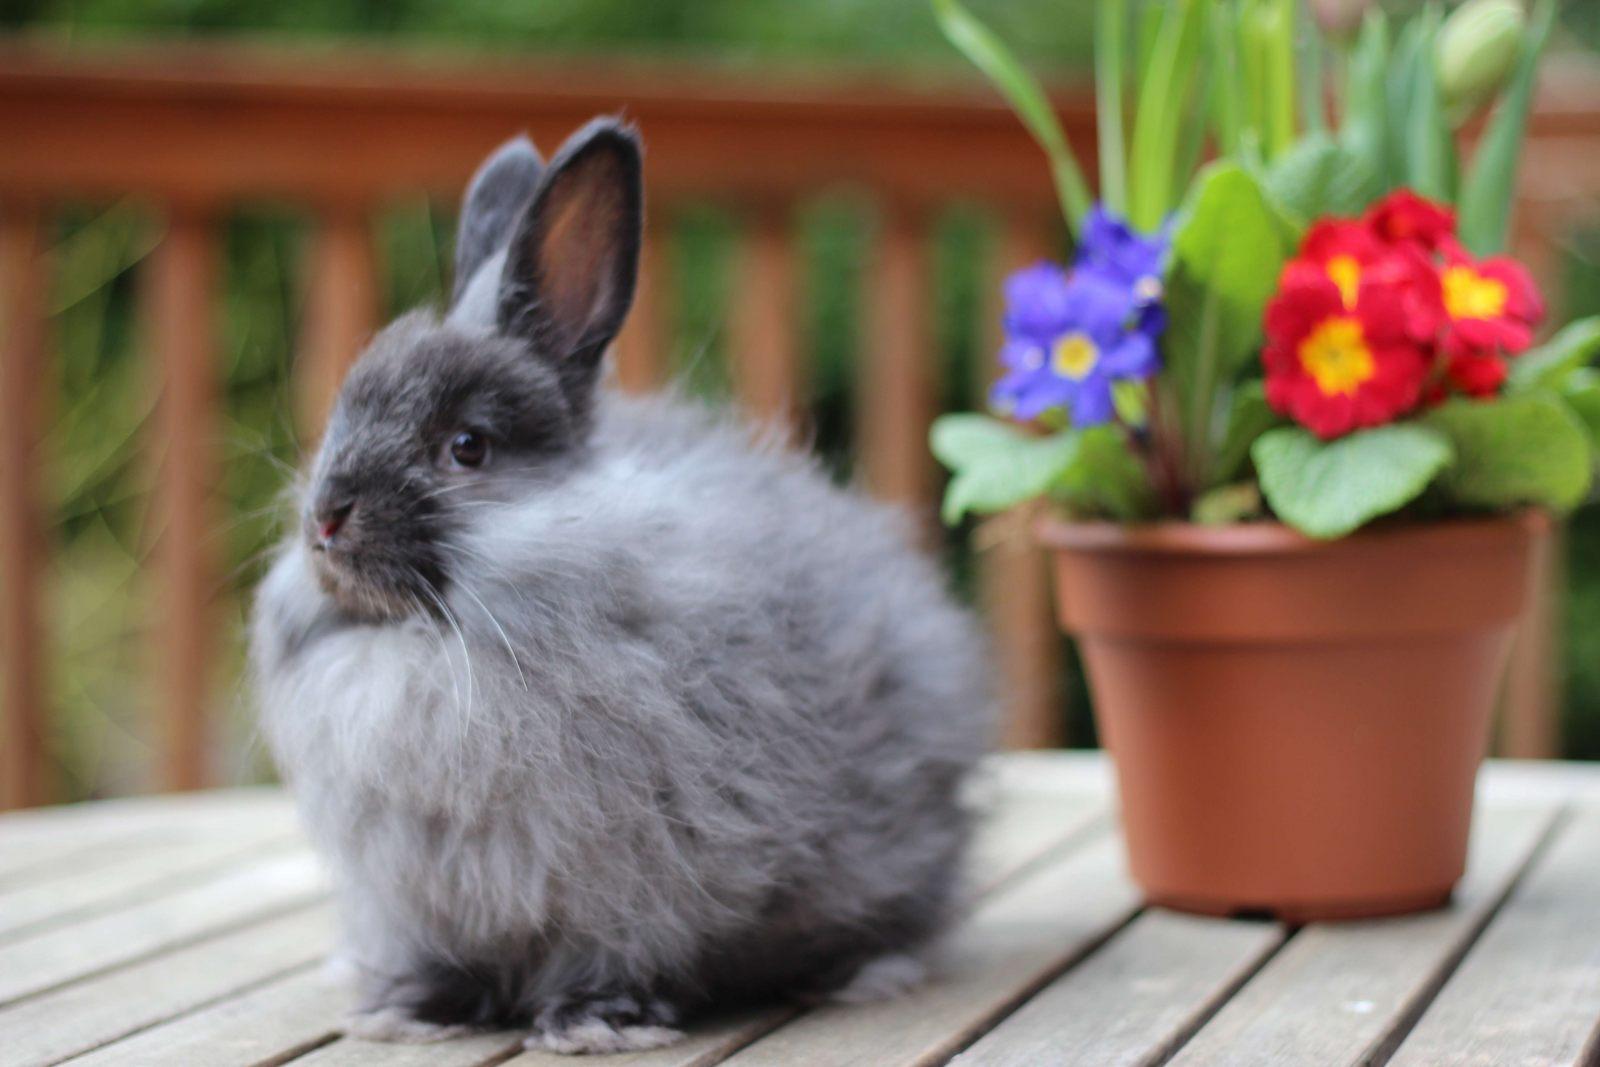 https://i0.wp.com/coelhos.animais.info/Imagens/angora-frances-preto.jpg